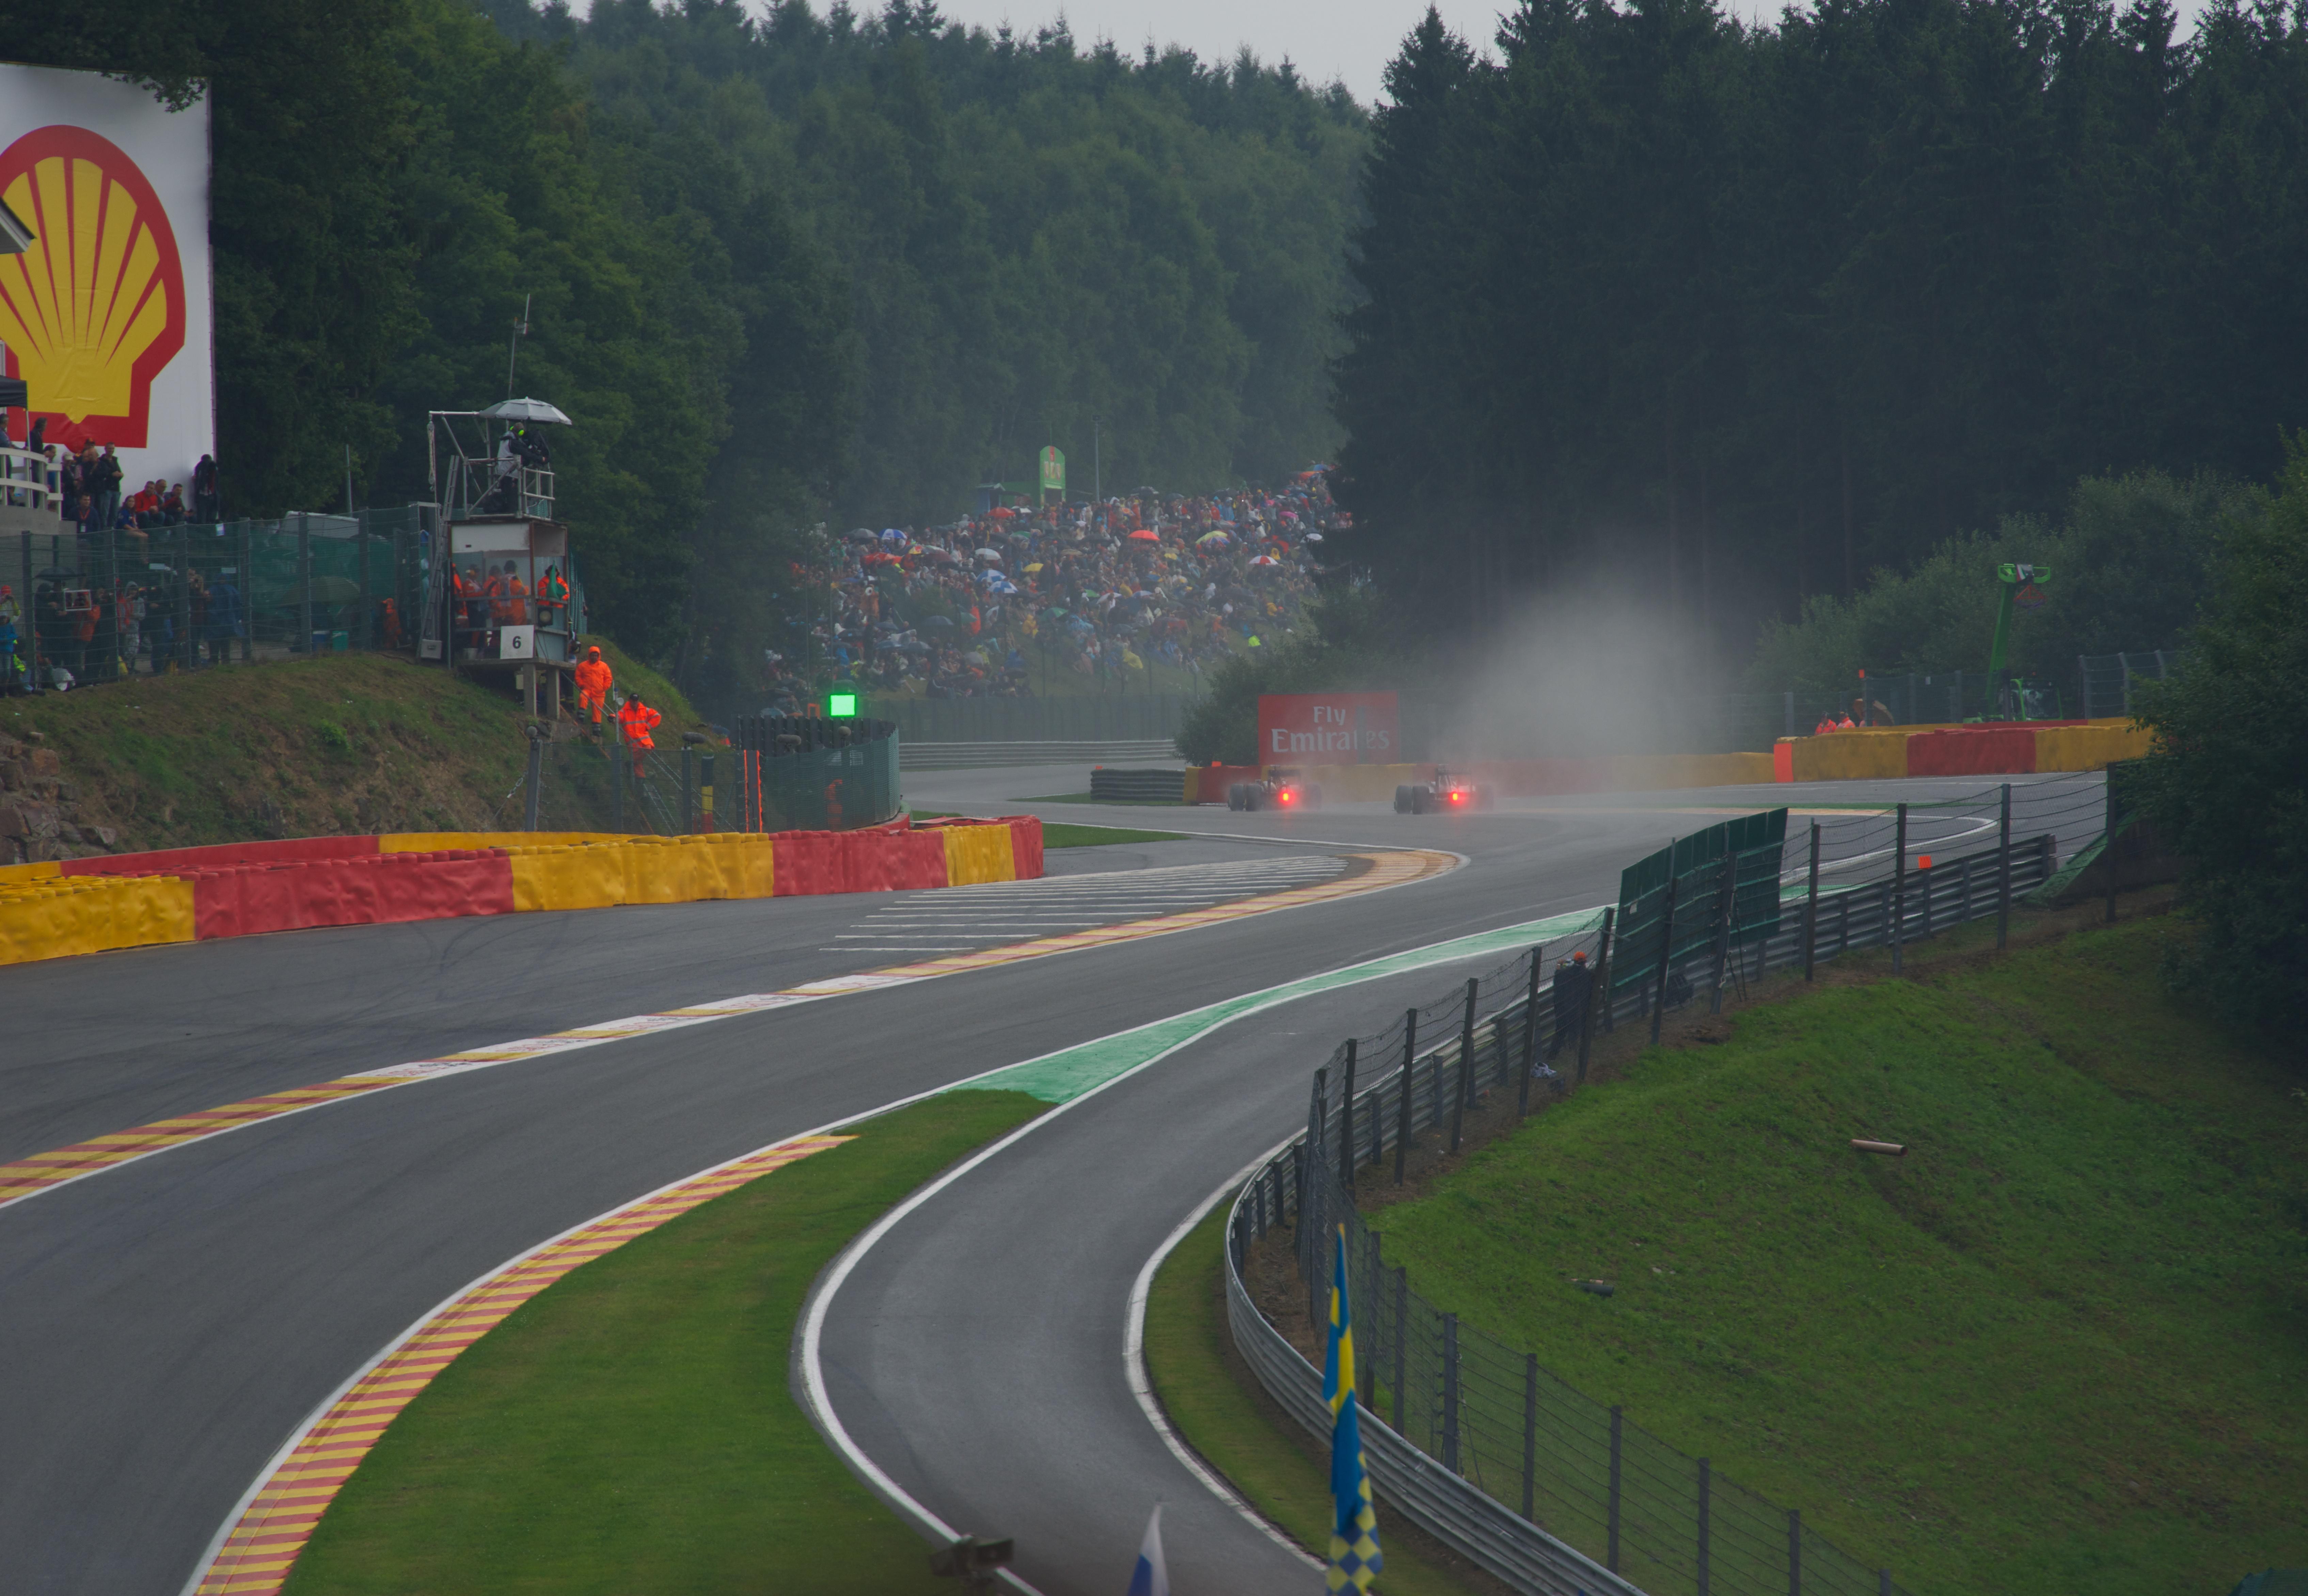 Circuito De Spa Francorchamps : File:circuit de spa francorchamps 2 .jpg wikimedia commons